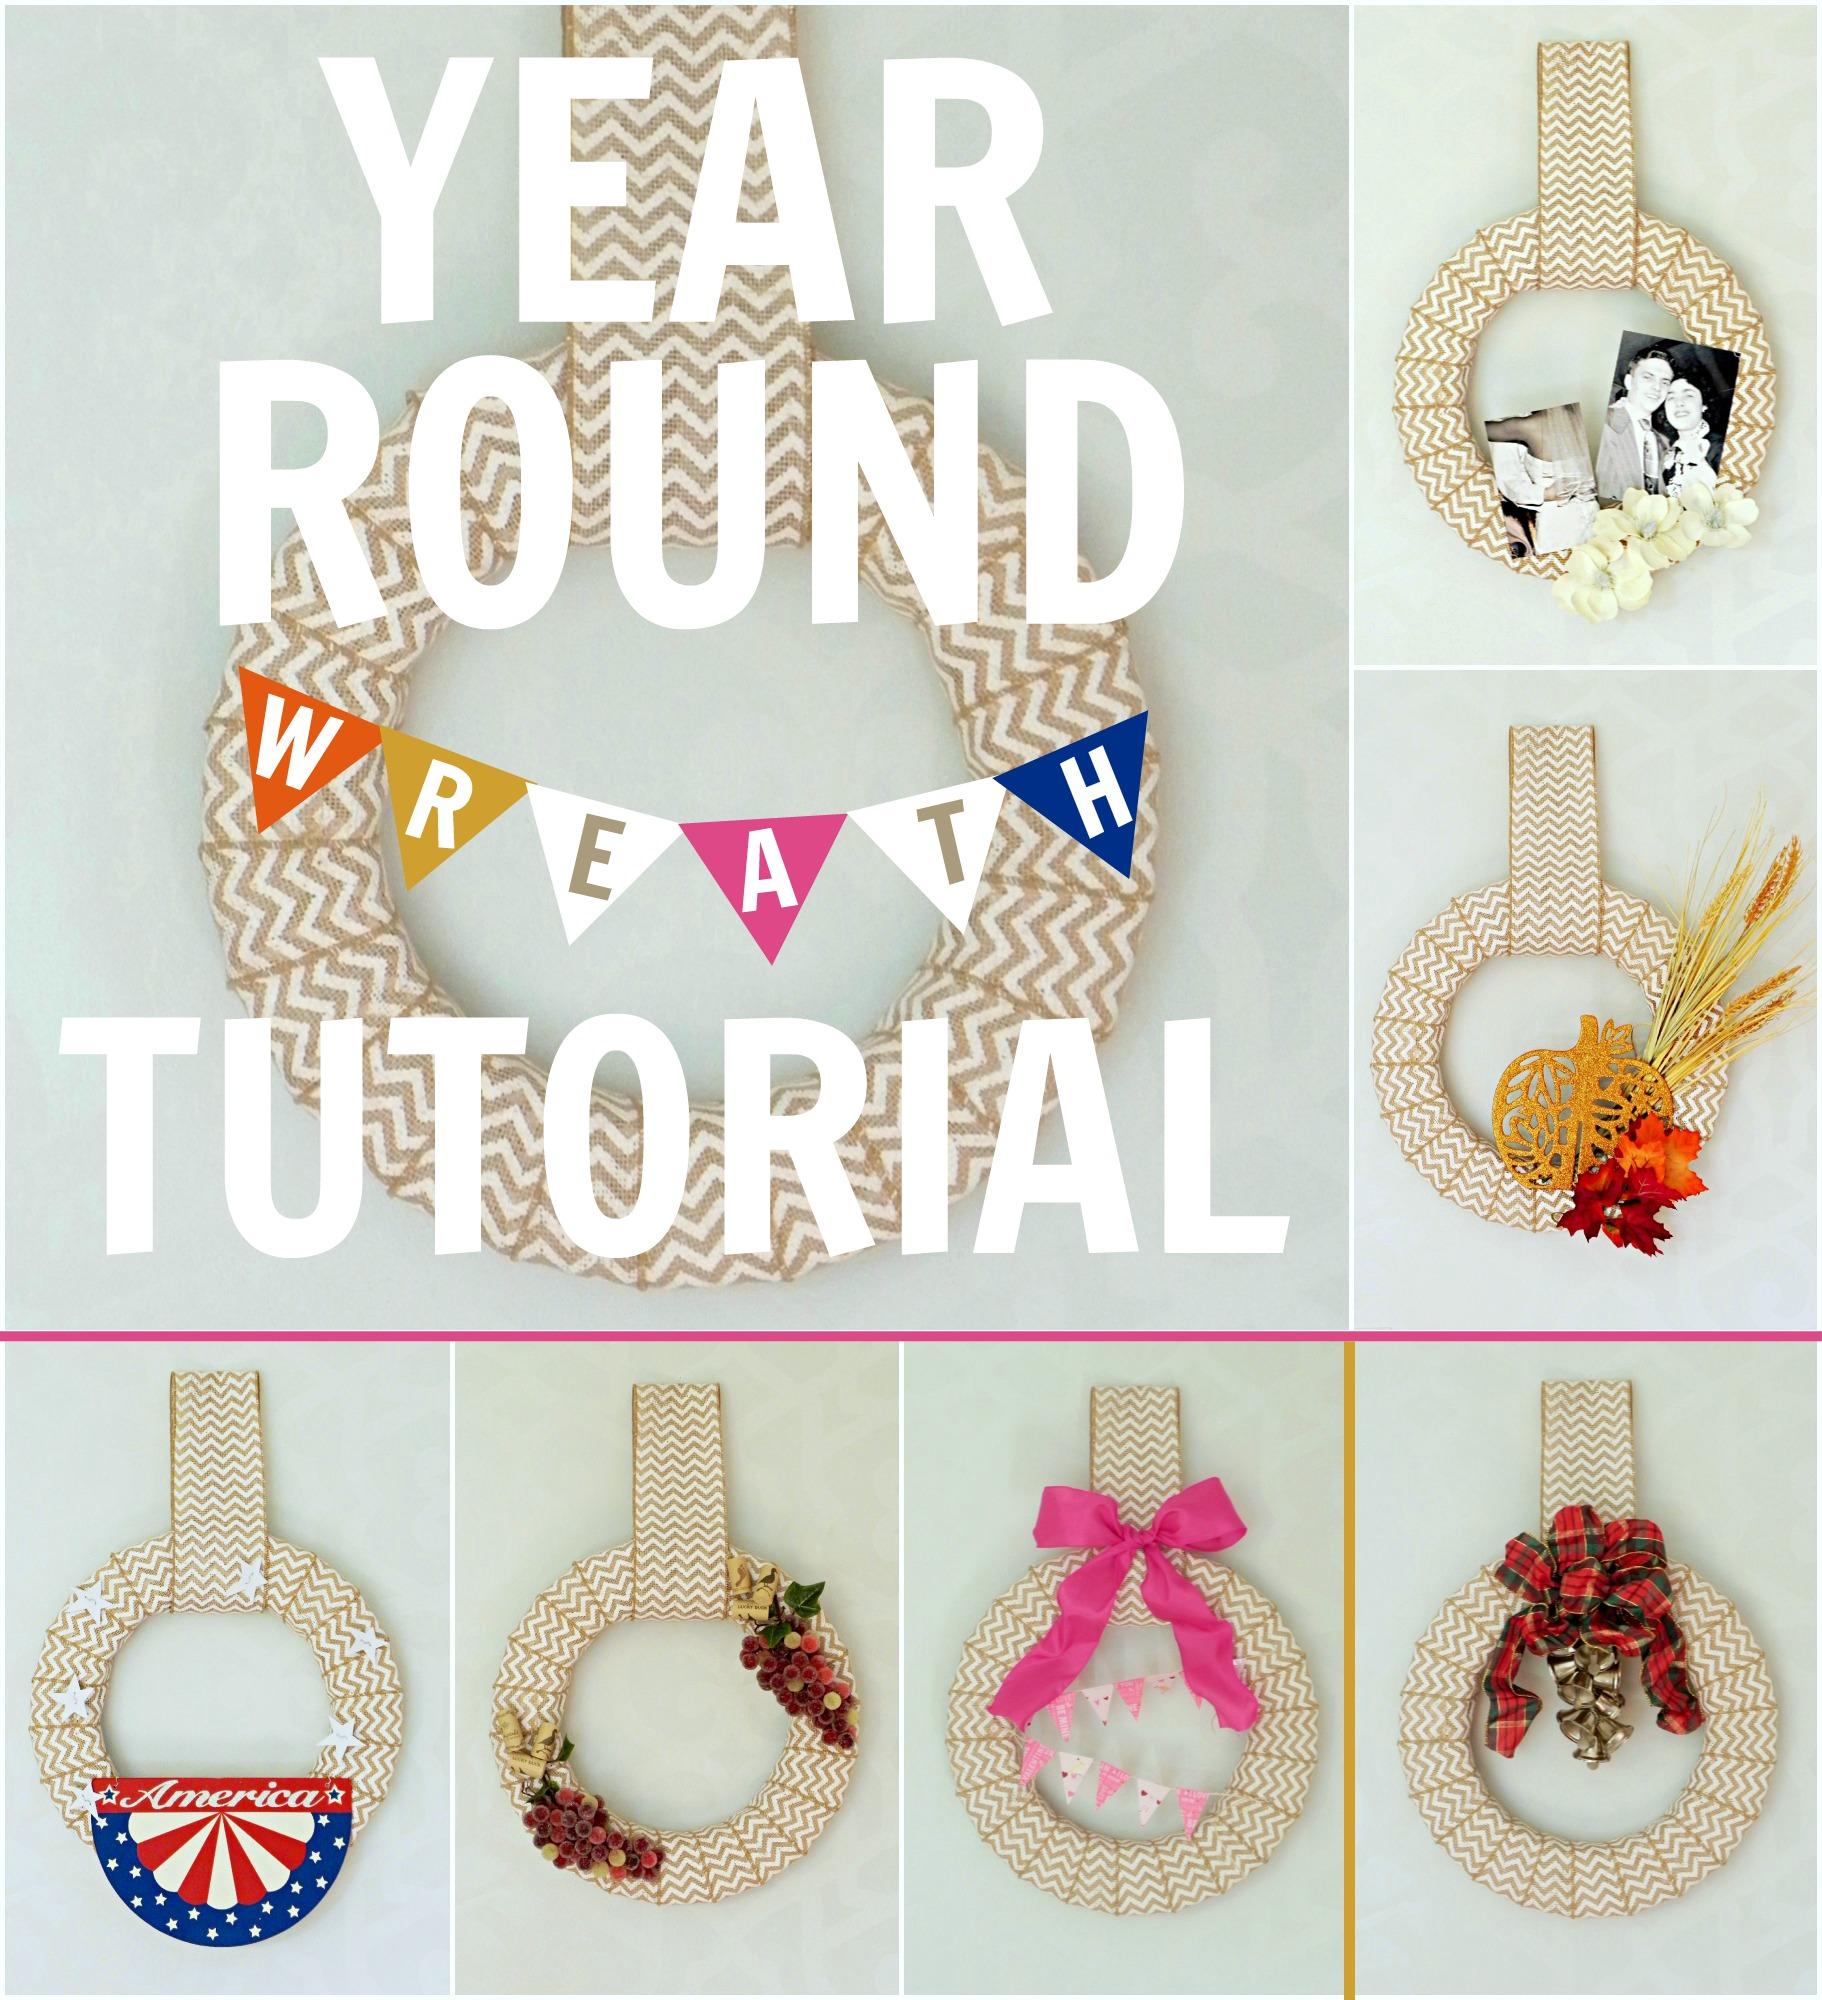 Year Round Wreath Tutorial